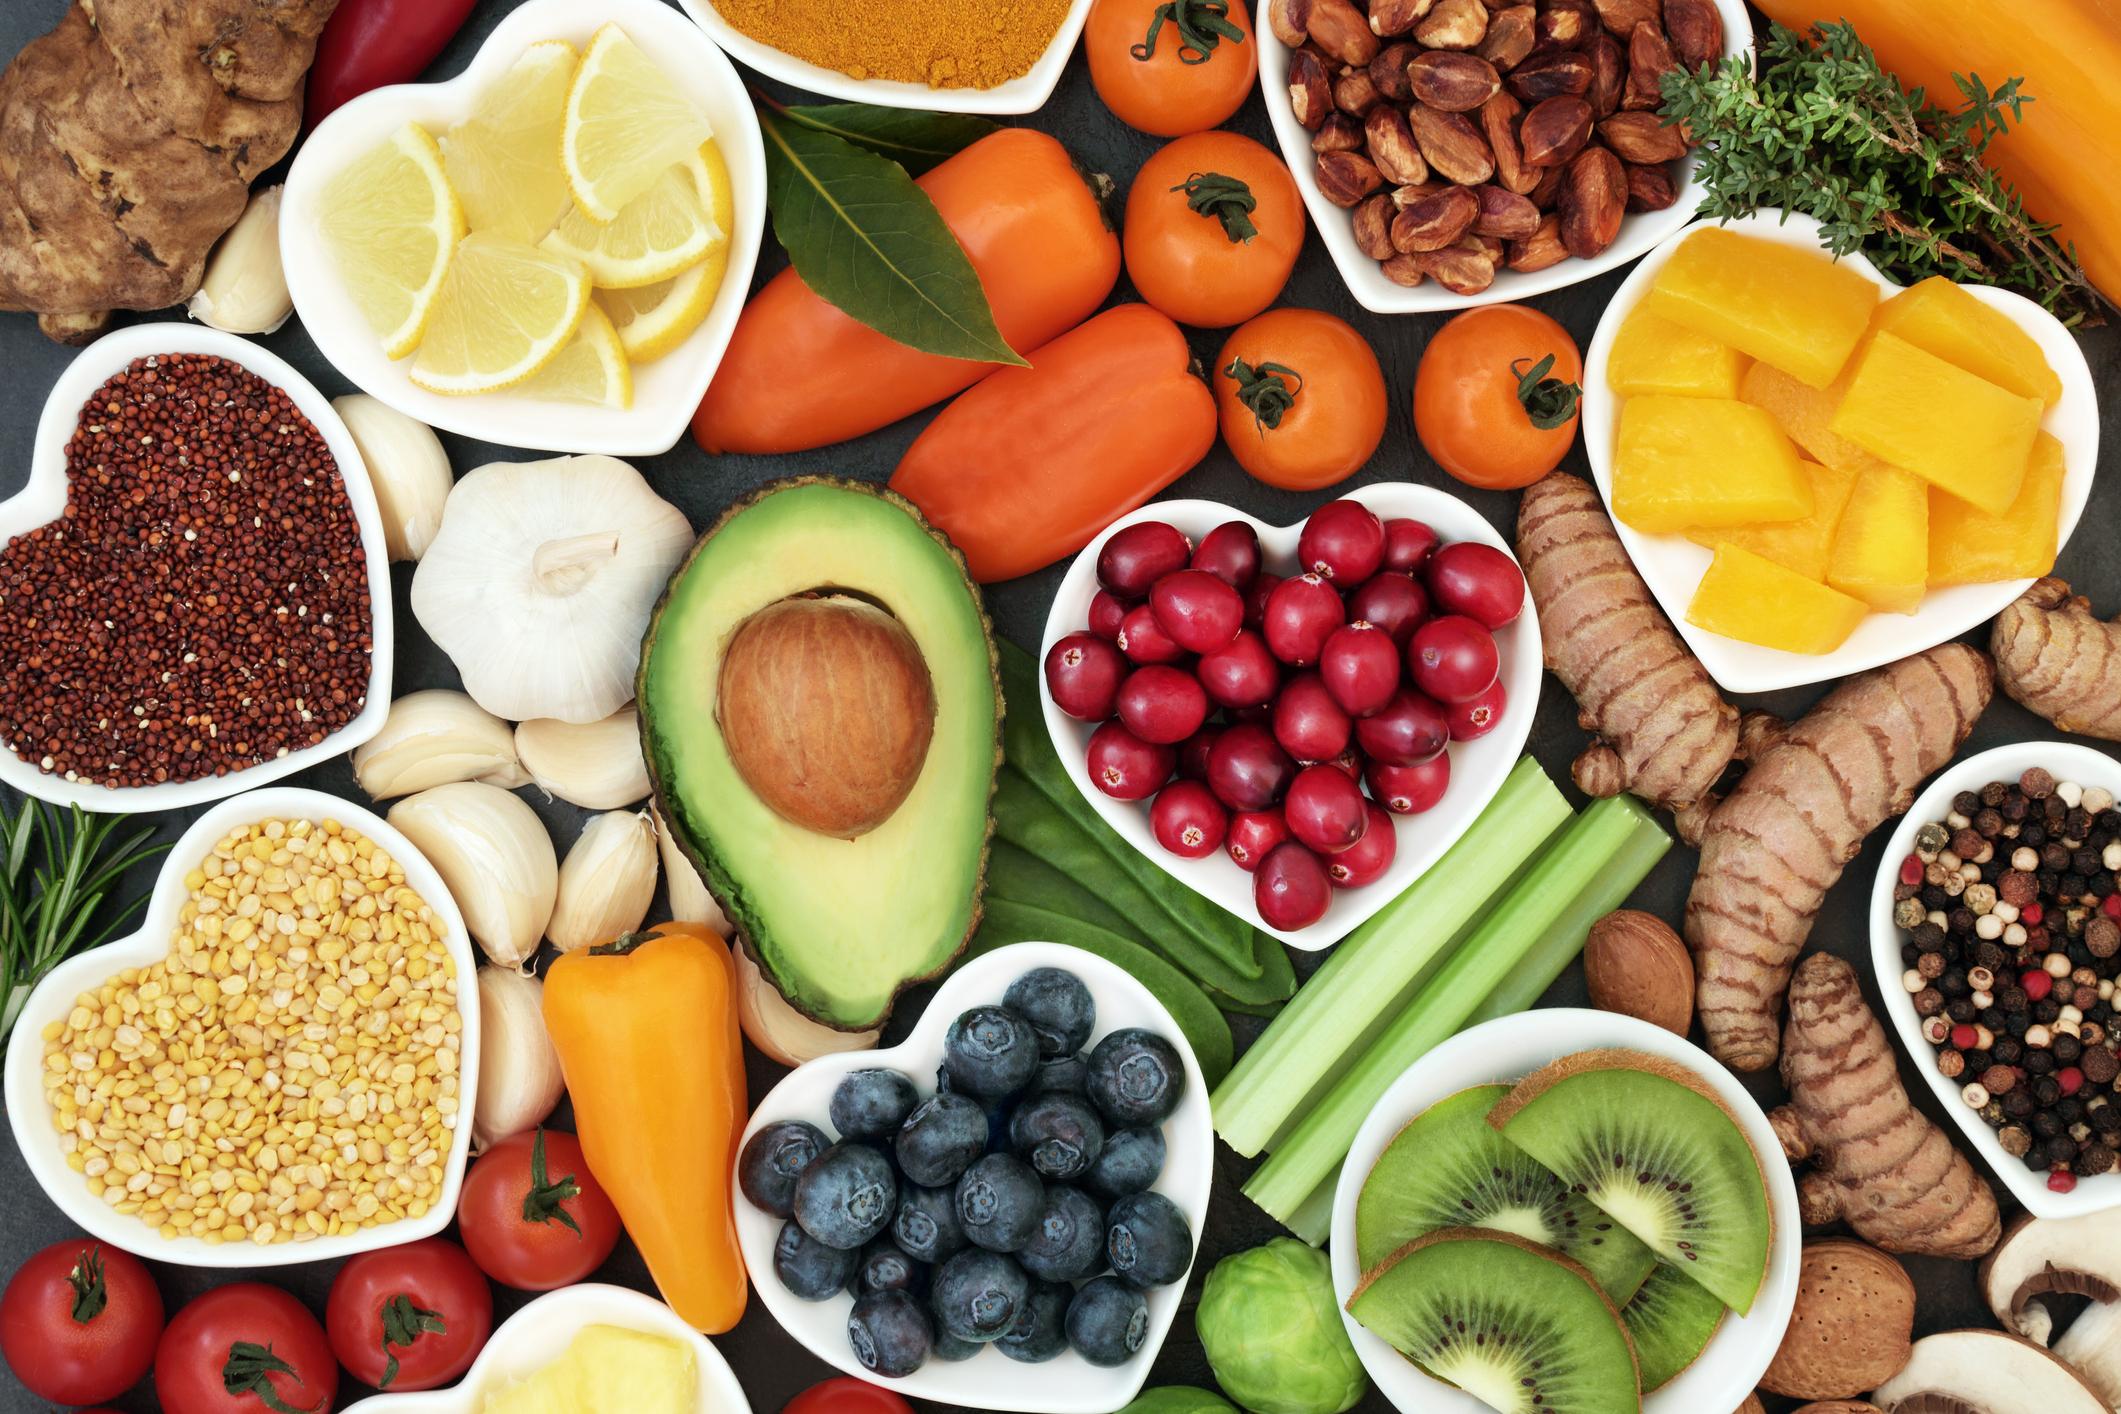 Die richtigen Nährstoffe erhöhen die Fruchtbarkeit bei Kinderwunsch